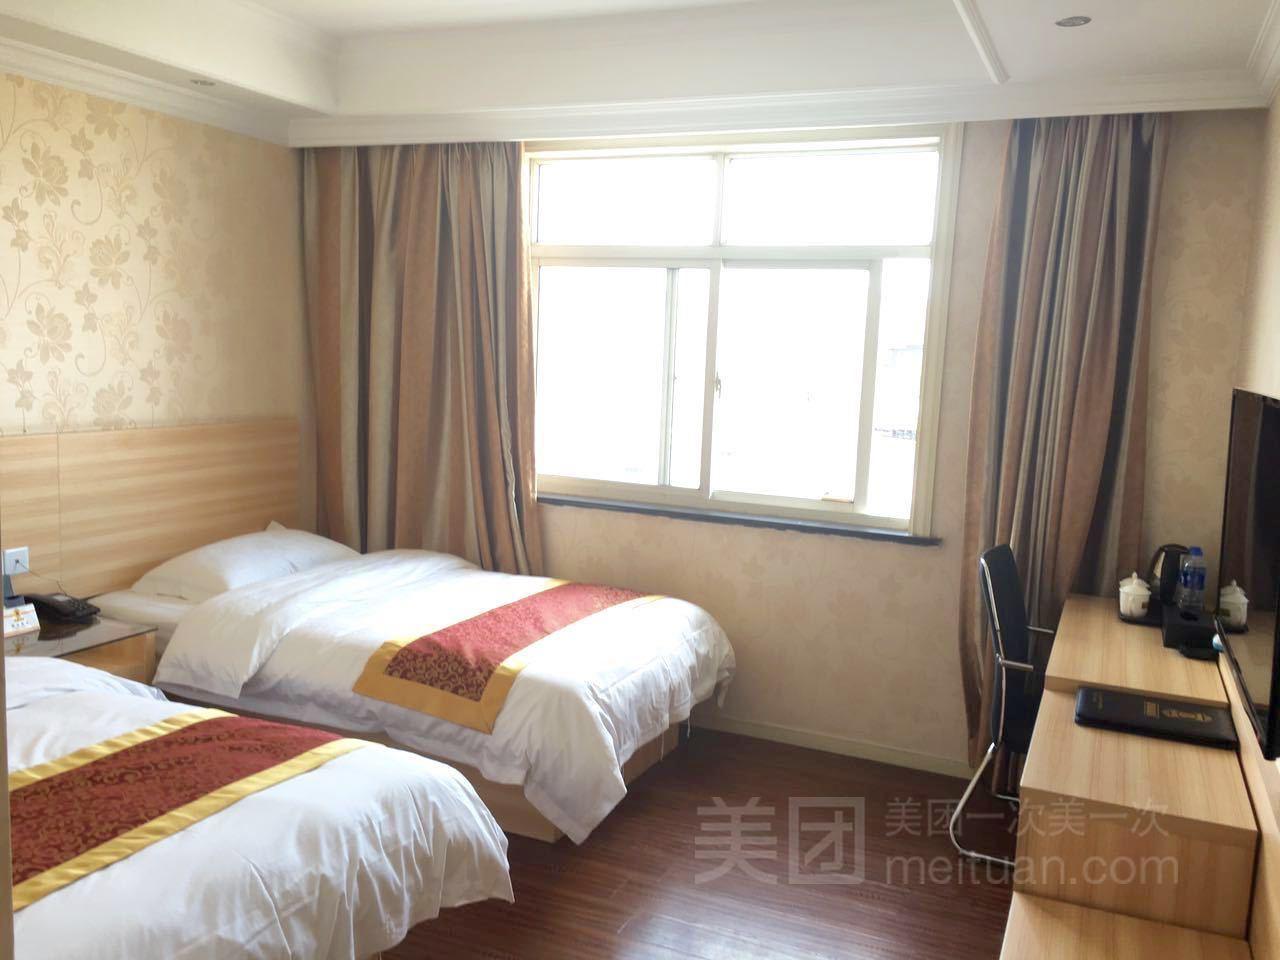 速8酒店(上海闵行华东师范大学虹梅南路店)预订/团购